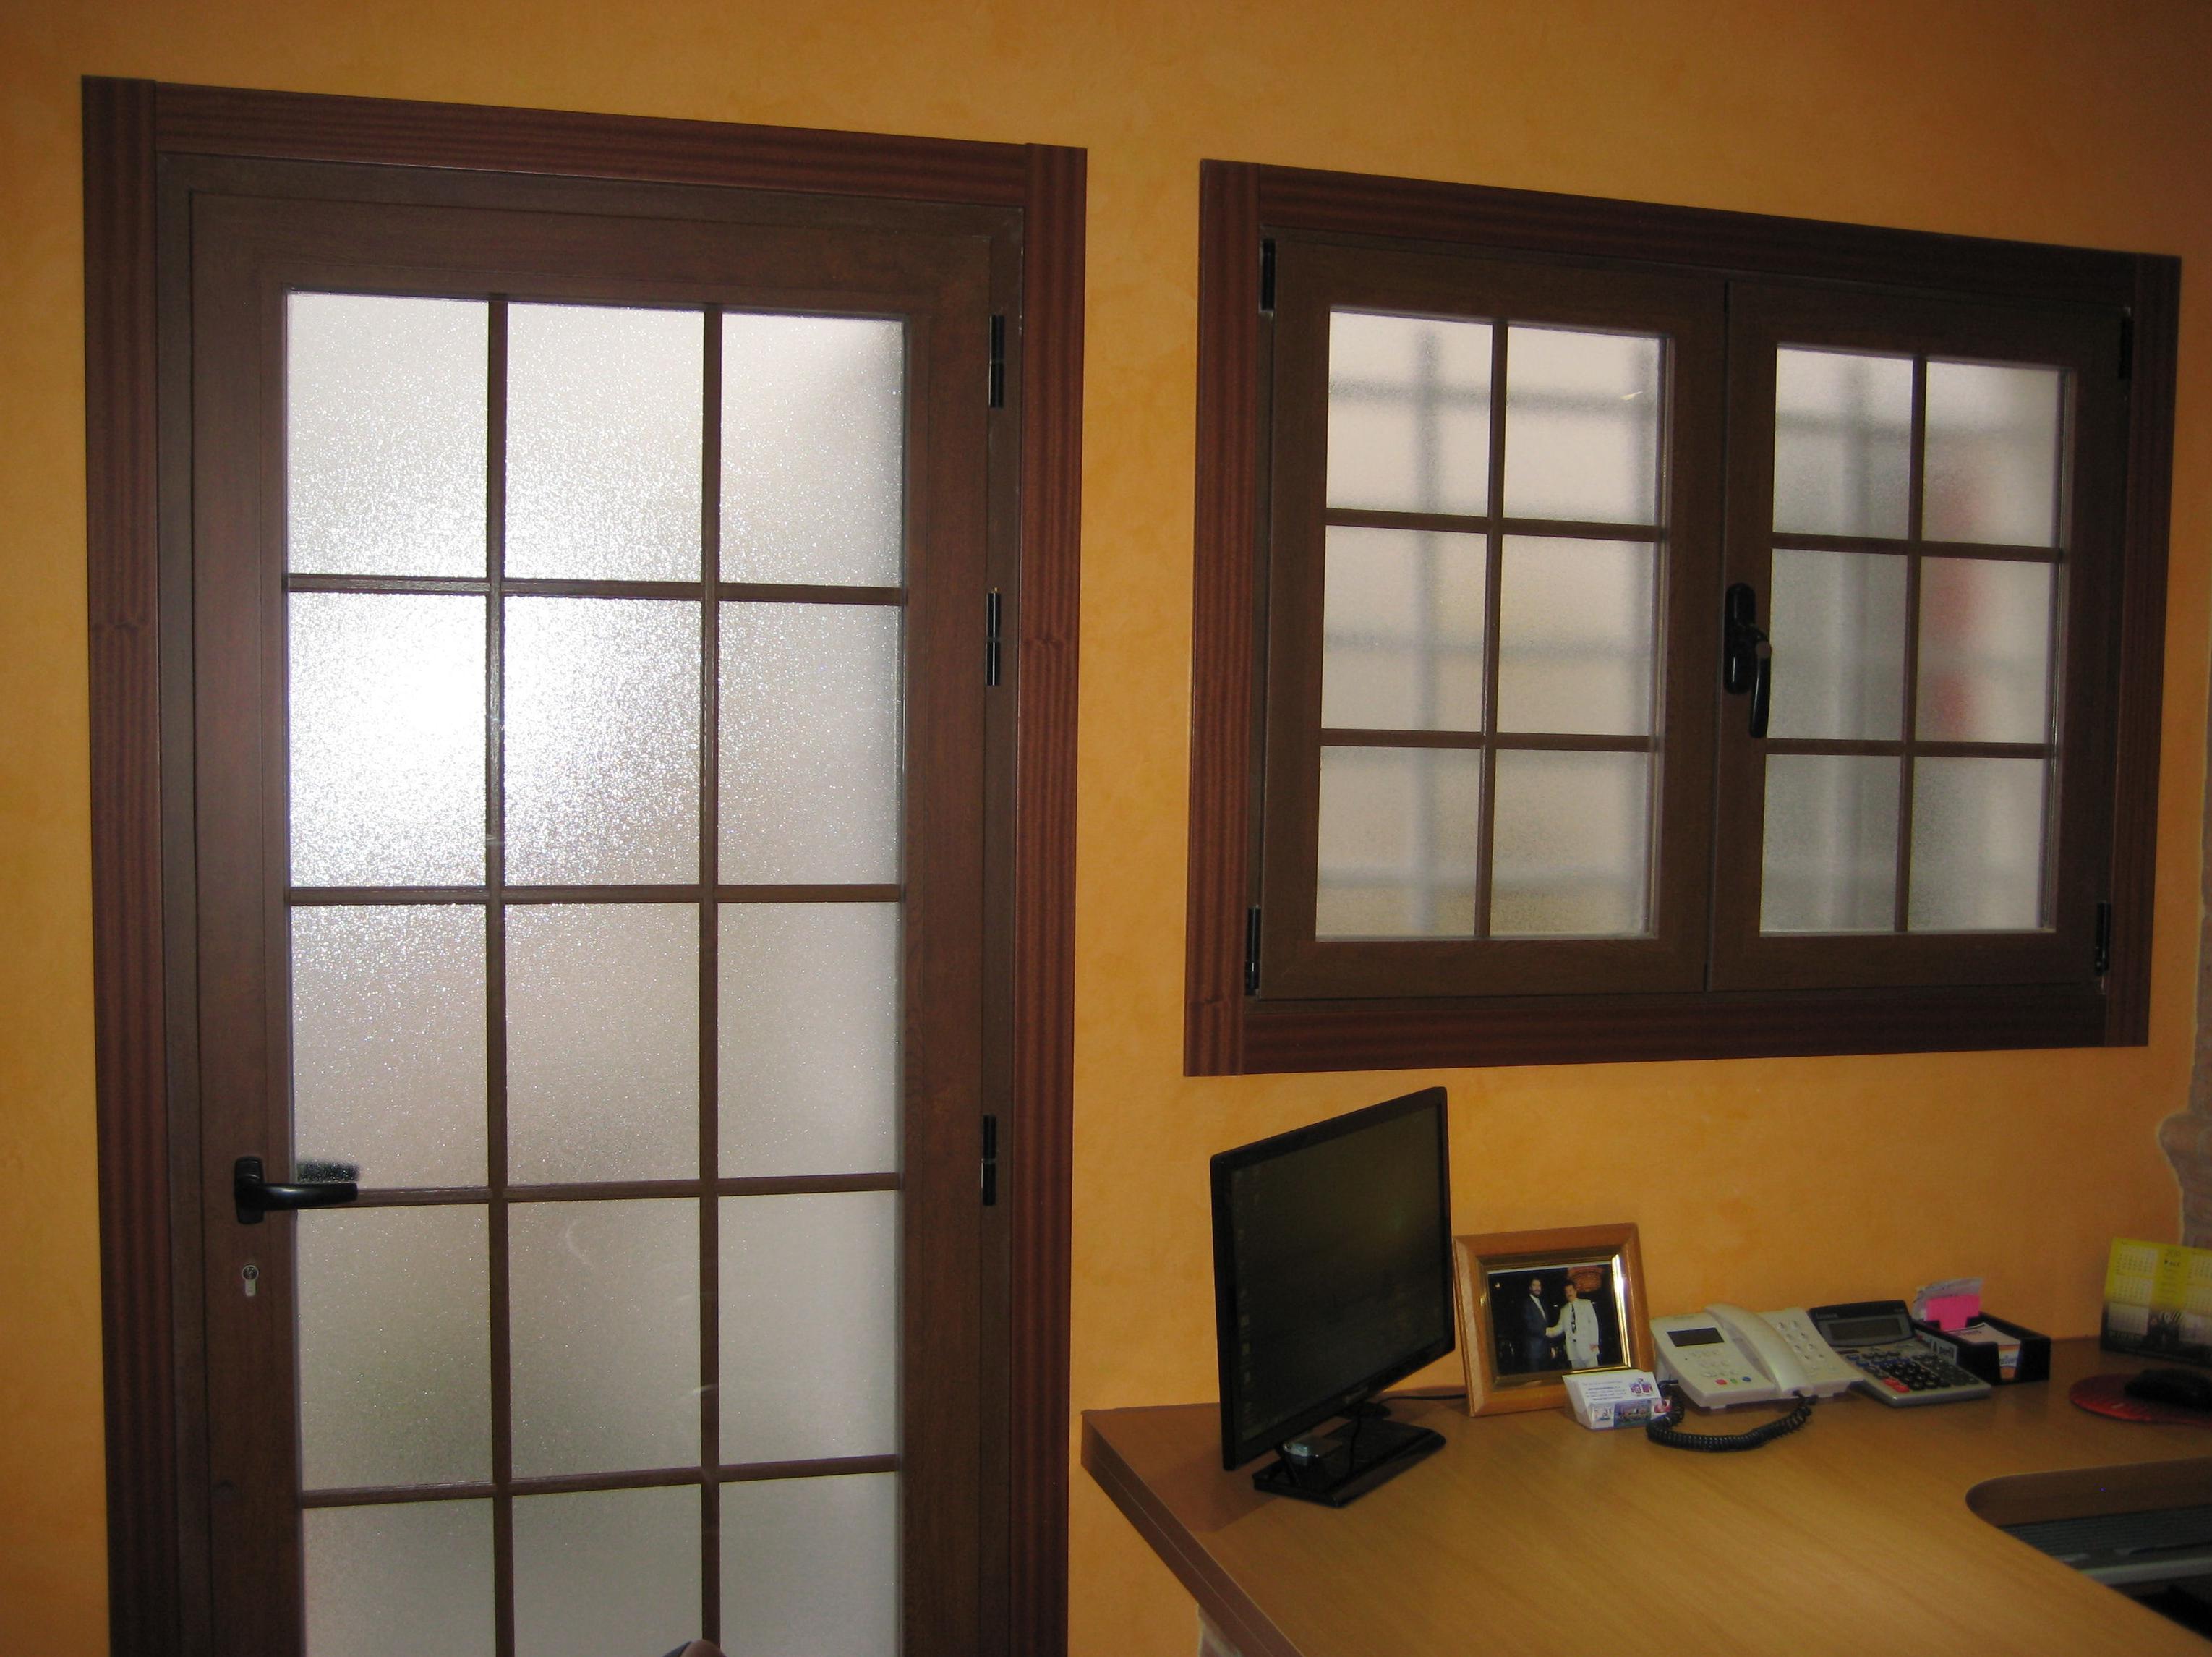 Casa en constructor ventanas de madera precios kommerling for Colores de aluminio para ventanas en mexico